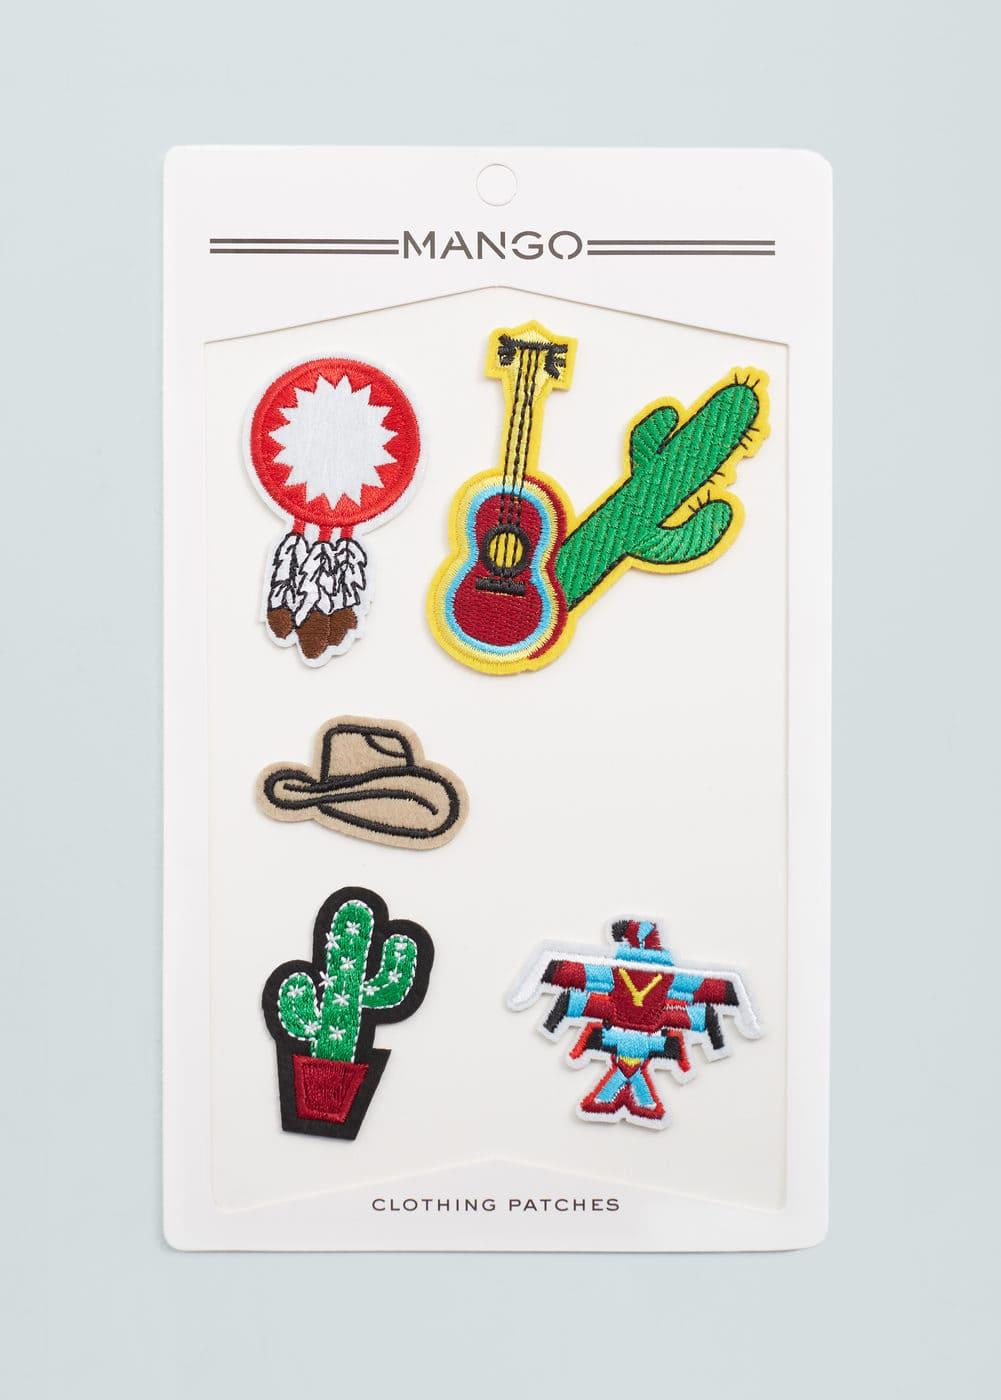 Clothing patches | MANGO